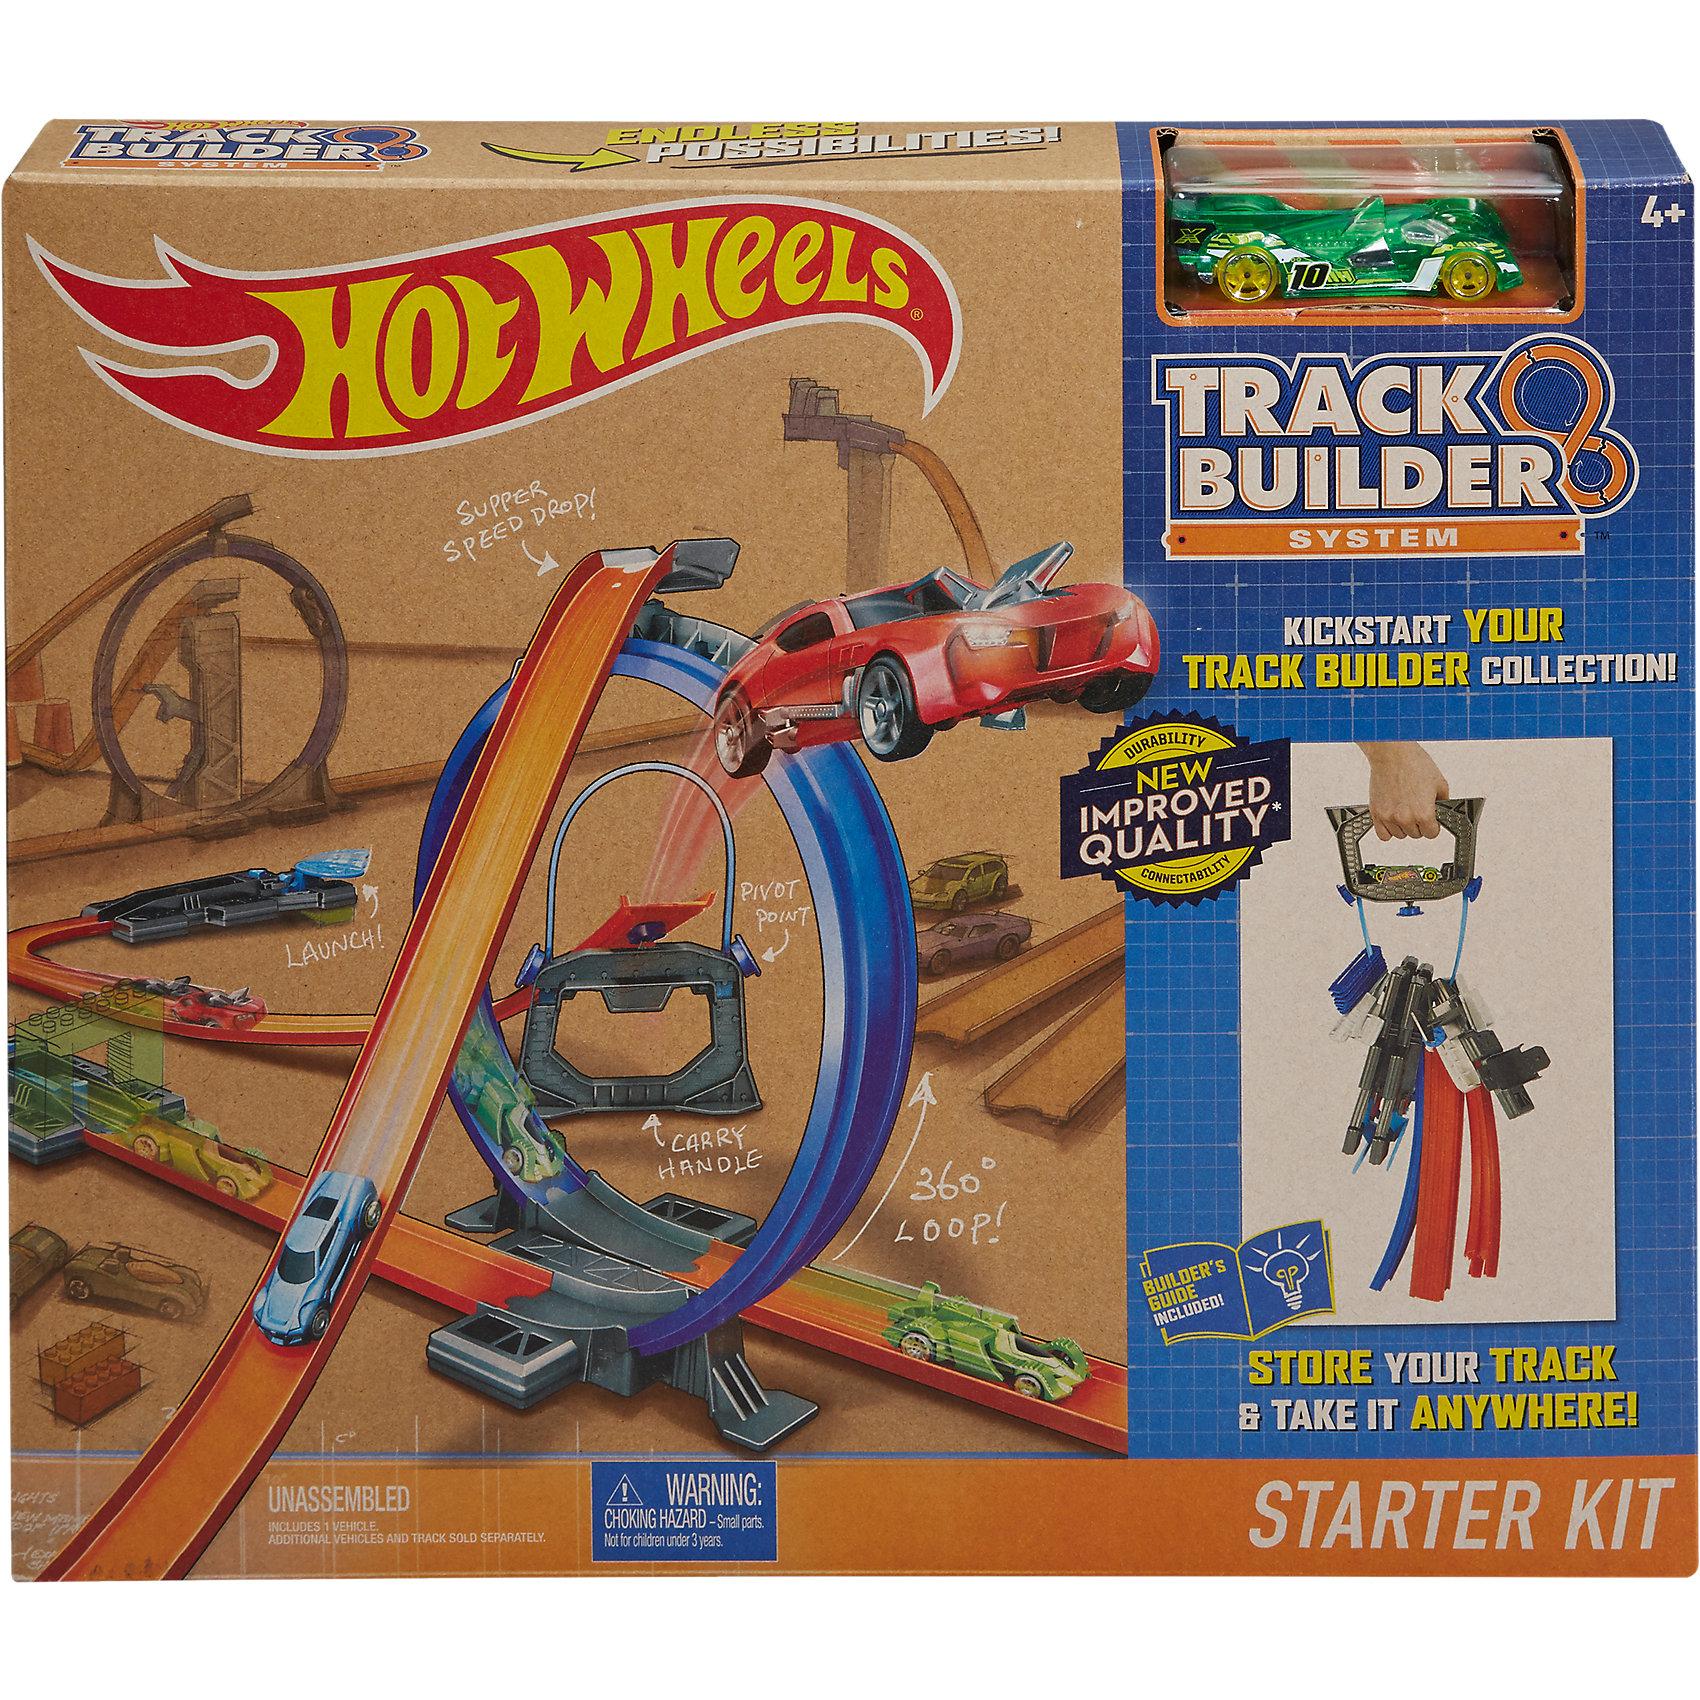 Конструктор трасс: стартовый набор Hot WheelsКонструктор трасс: стартовый набор, Hot Wheels, вызовет восторг у всех юных автолюбителей. Трек прекрасно подходит для первого знакомства с треками Track Builder или дополнит уже имеющиеся. Разнообразные детали можно комбинировать различными способами, создавая почти бесконечные вариации трасс. В стартовый набор Track Builder входят элементы оранжевой трассы, петля, рампы, пусковые механизмы, соединительные элементы, два поворота на 90 градусов и многое другое. Специальную петлю-держатель можно использовать как трамплин для машинок или как удобный инструмент для хранения и транспортировки деталей. Здесь же Вы найдете одну машинку Hot Wheels, поэтому к игре можно приступить немедленно! Набор сочетается с другими игровыми комплектами Хот Вилс, позволяя создавать оригинальные конфигурации, развязки, головокружительные спуски и трюки. Множество элементов и деталей предоставляют большой простор для фантазии - каждый сможет выстроить свою собственную трассу для захватывающих гонок.<br><br>Дополнительная информация:<br><br>- В комплекте: детали для сборки трека, 1 машинка Hot Wheels.<br>- Материал: пластик.<br>- Размер упаковки: 5 х 36 х 31 см.<br>- Вес: 0,748 кг.<br><br>Конструктор трасс: стартовый набор, Hot Wheels, можно купить в нашем интернет-магазине.<br><br>Ширина мм: 363<br>Глубина мм: 307<br>Высота мм: 58<br>Вес г: 798<br>Возраст от месяцев: 48<br>Возраст до месяцев: 84<br>Пол: Мужской<br>Возраст: Детский<br>SKU: 4373753